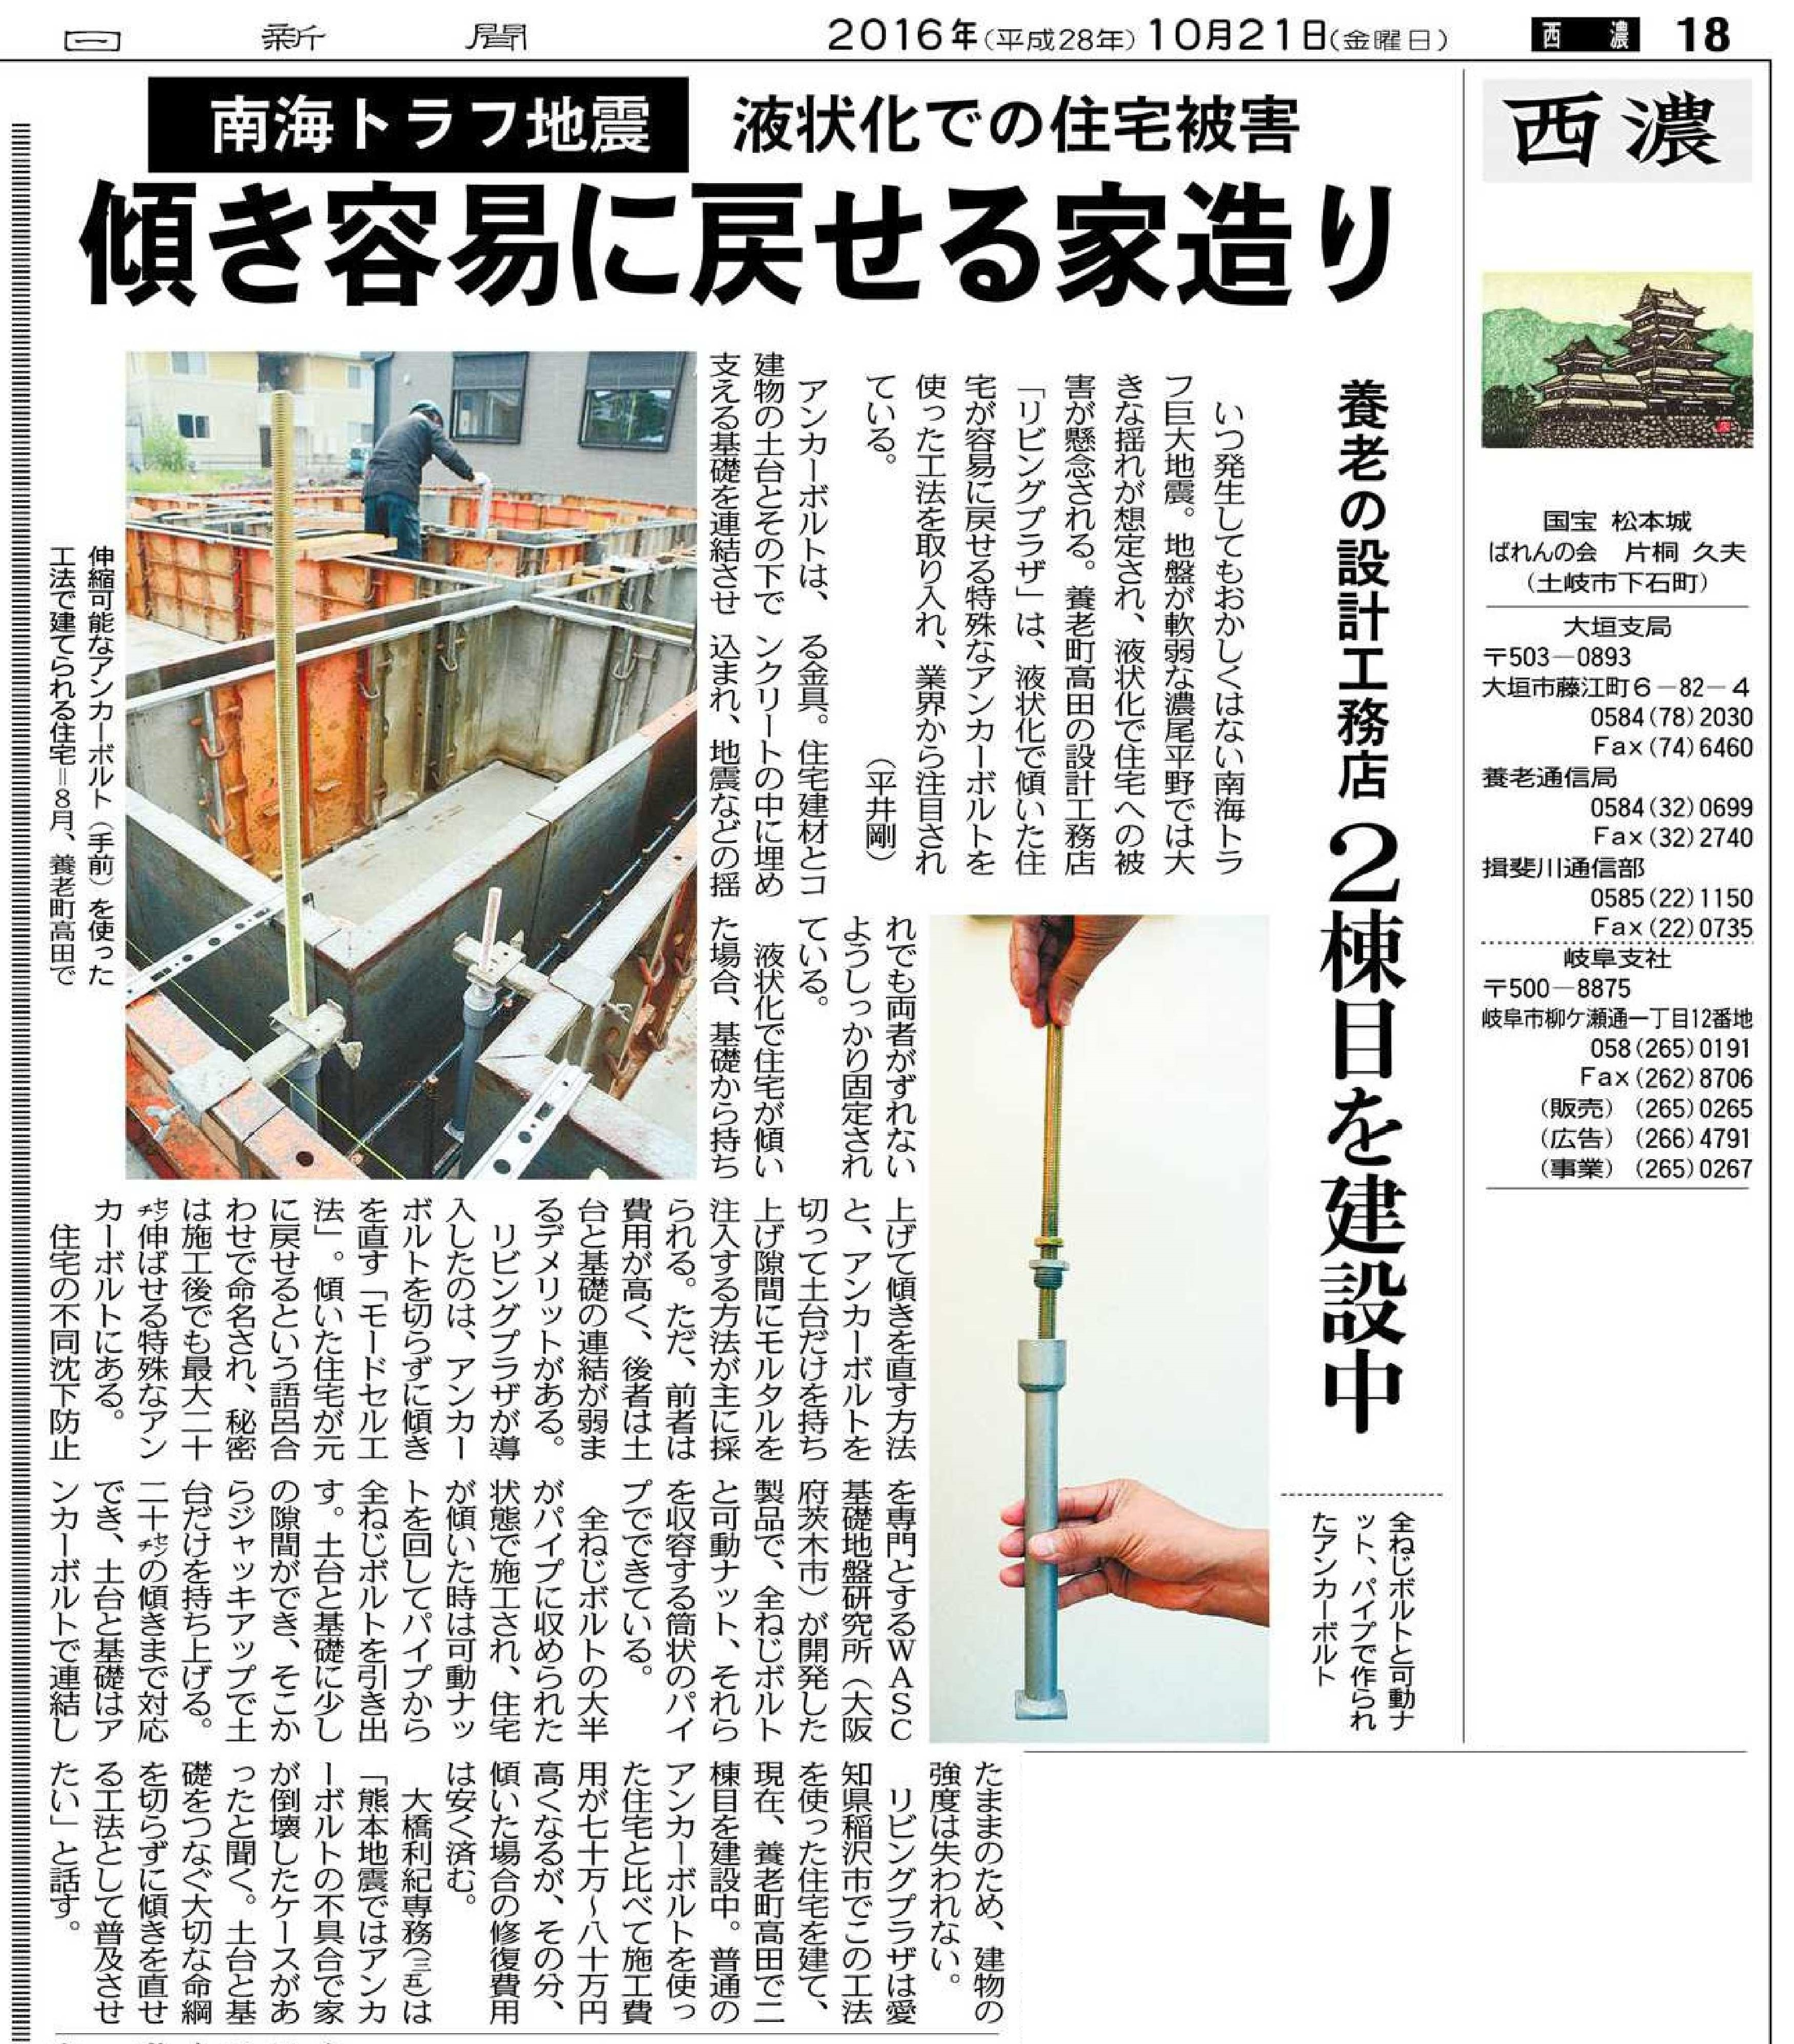 『2016年10月21日付 中日新聞朝刊』掲載